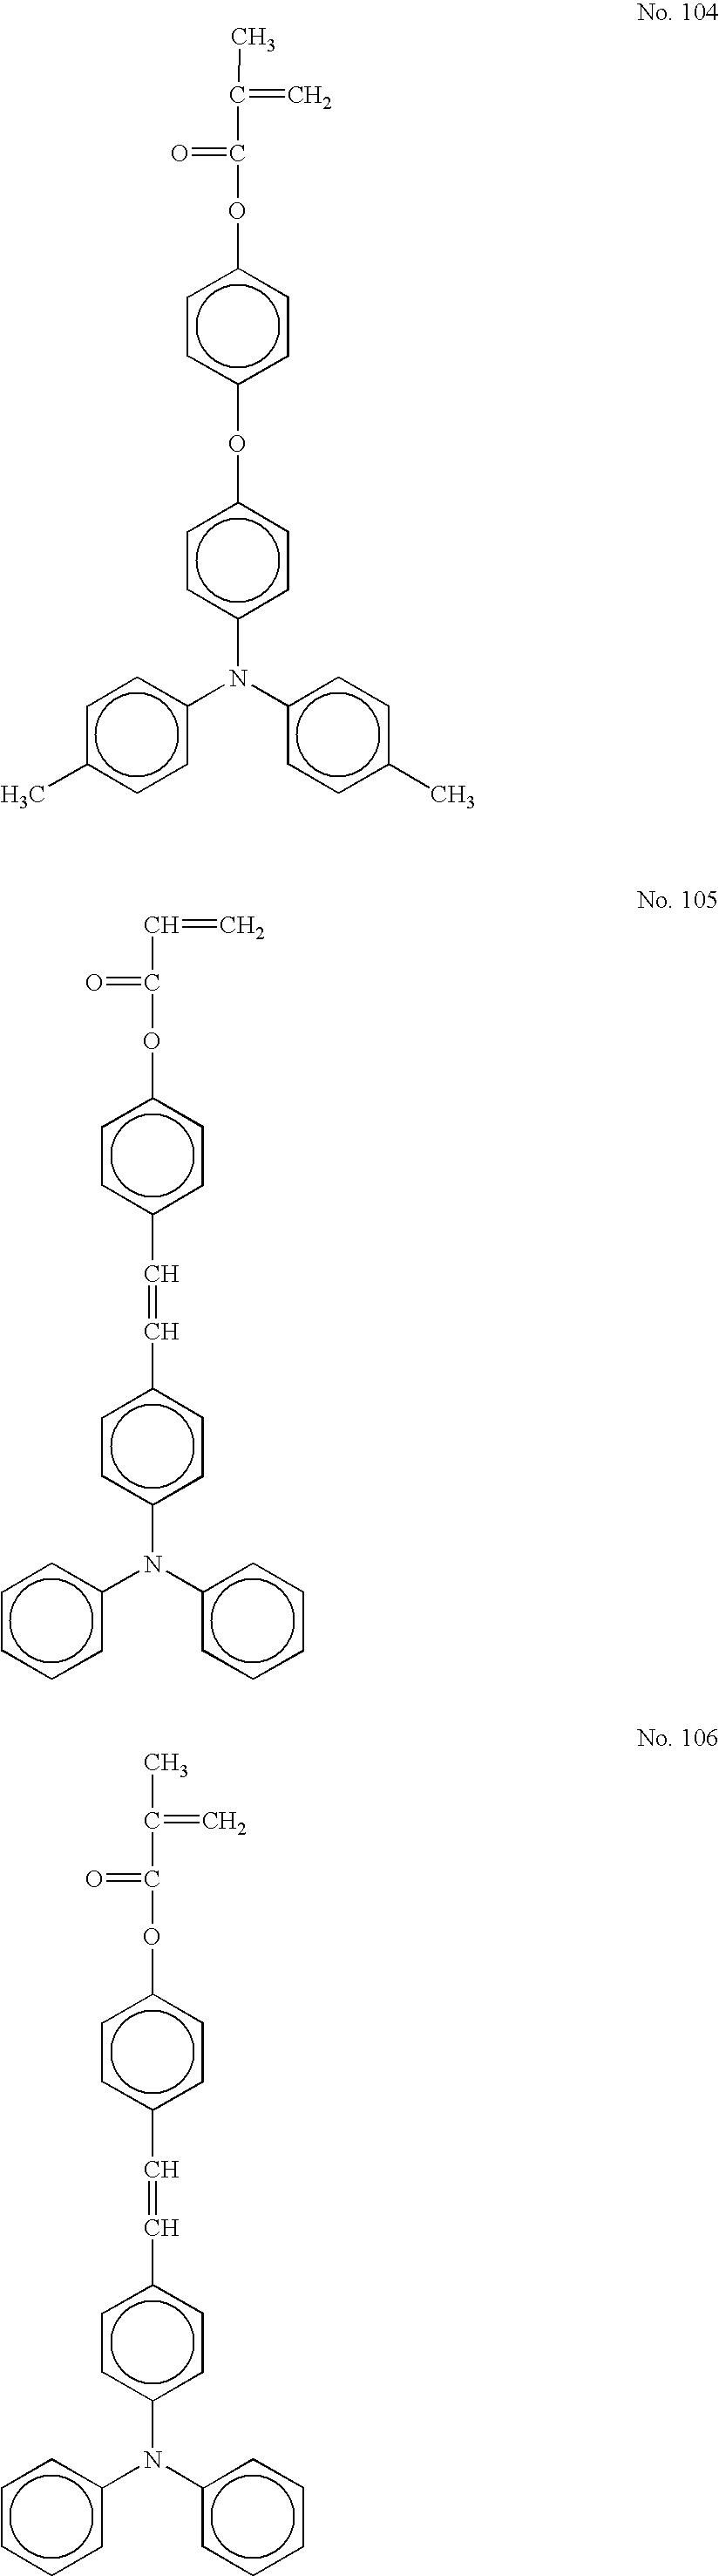 Figure US07175957-20070213-C00047